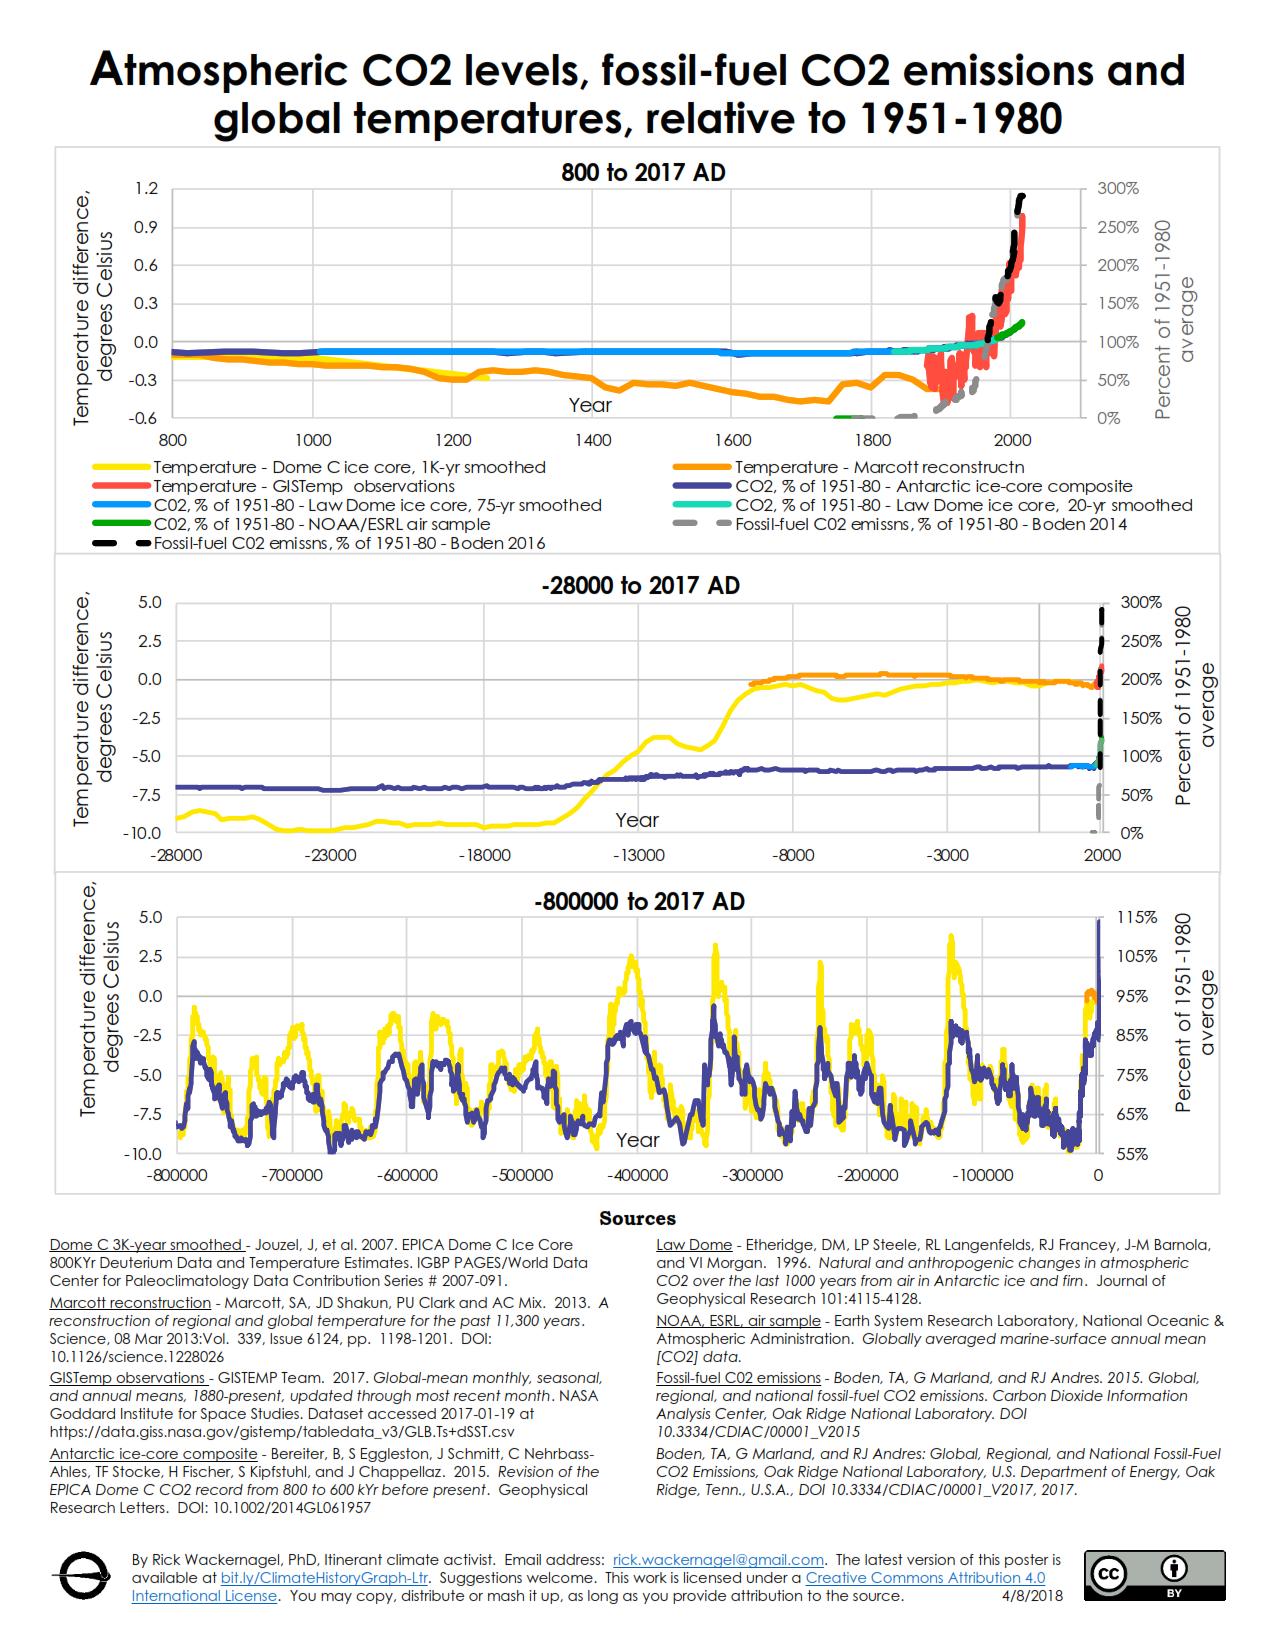 Historical data - Grfs - 2017 - 8_5x11 - V3_001